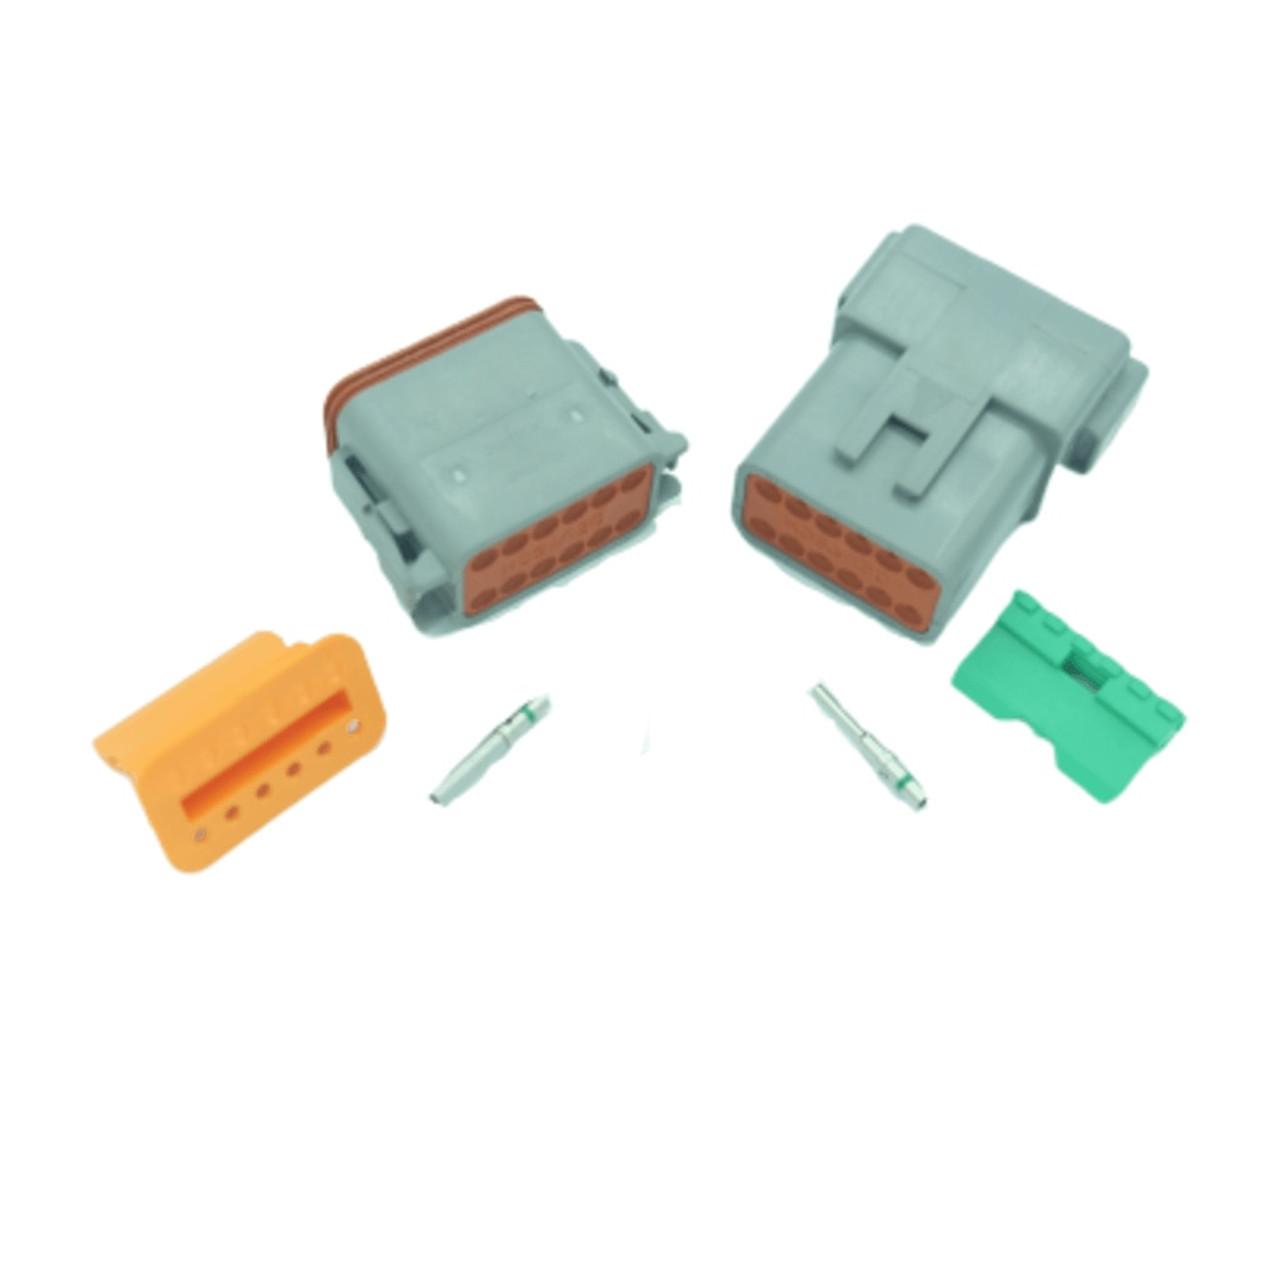 12 pin Deutsch connector set